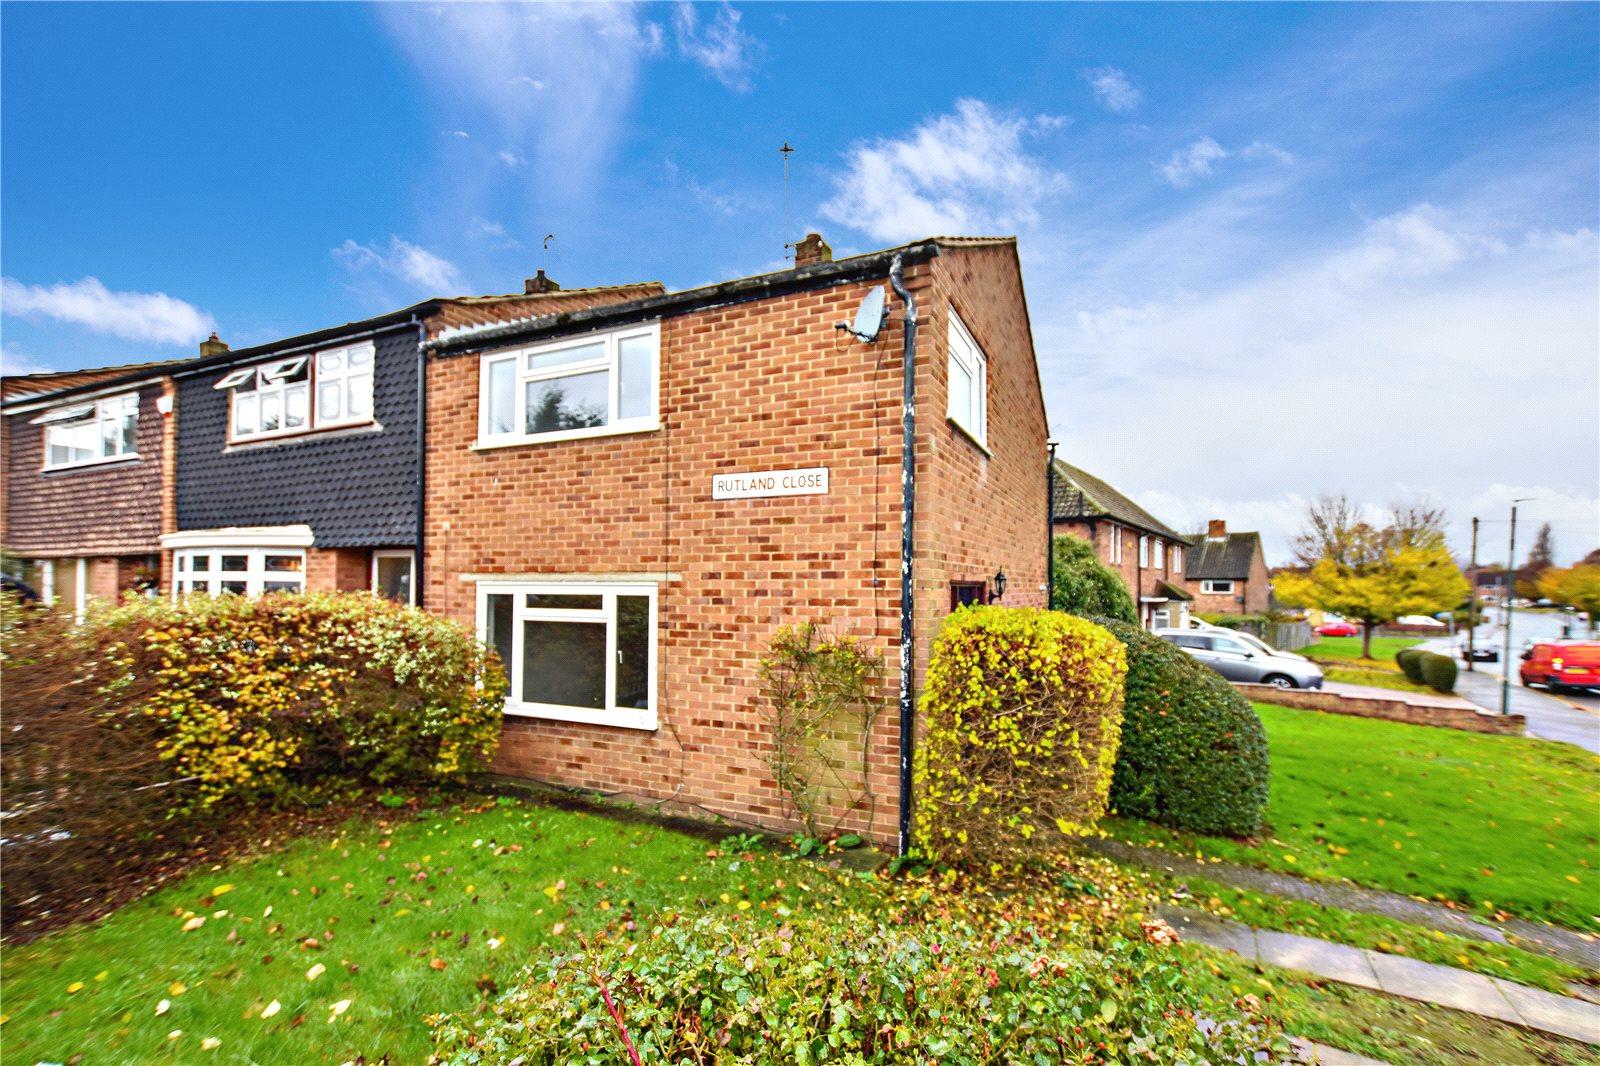 Rutland Close, Bexley, Kent, DA5